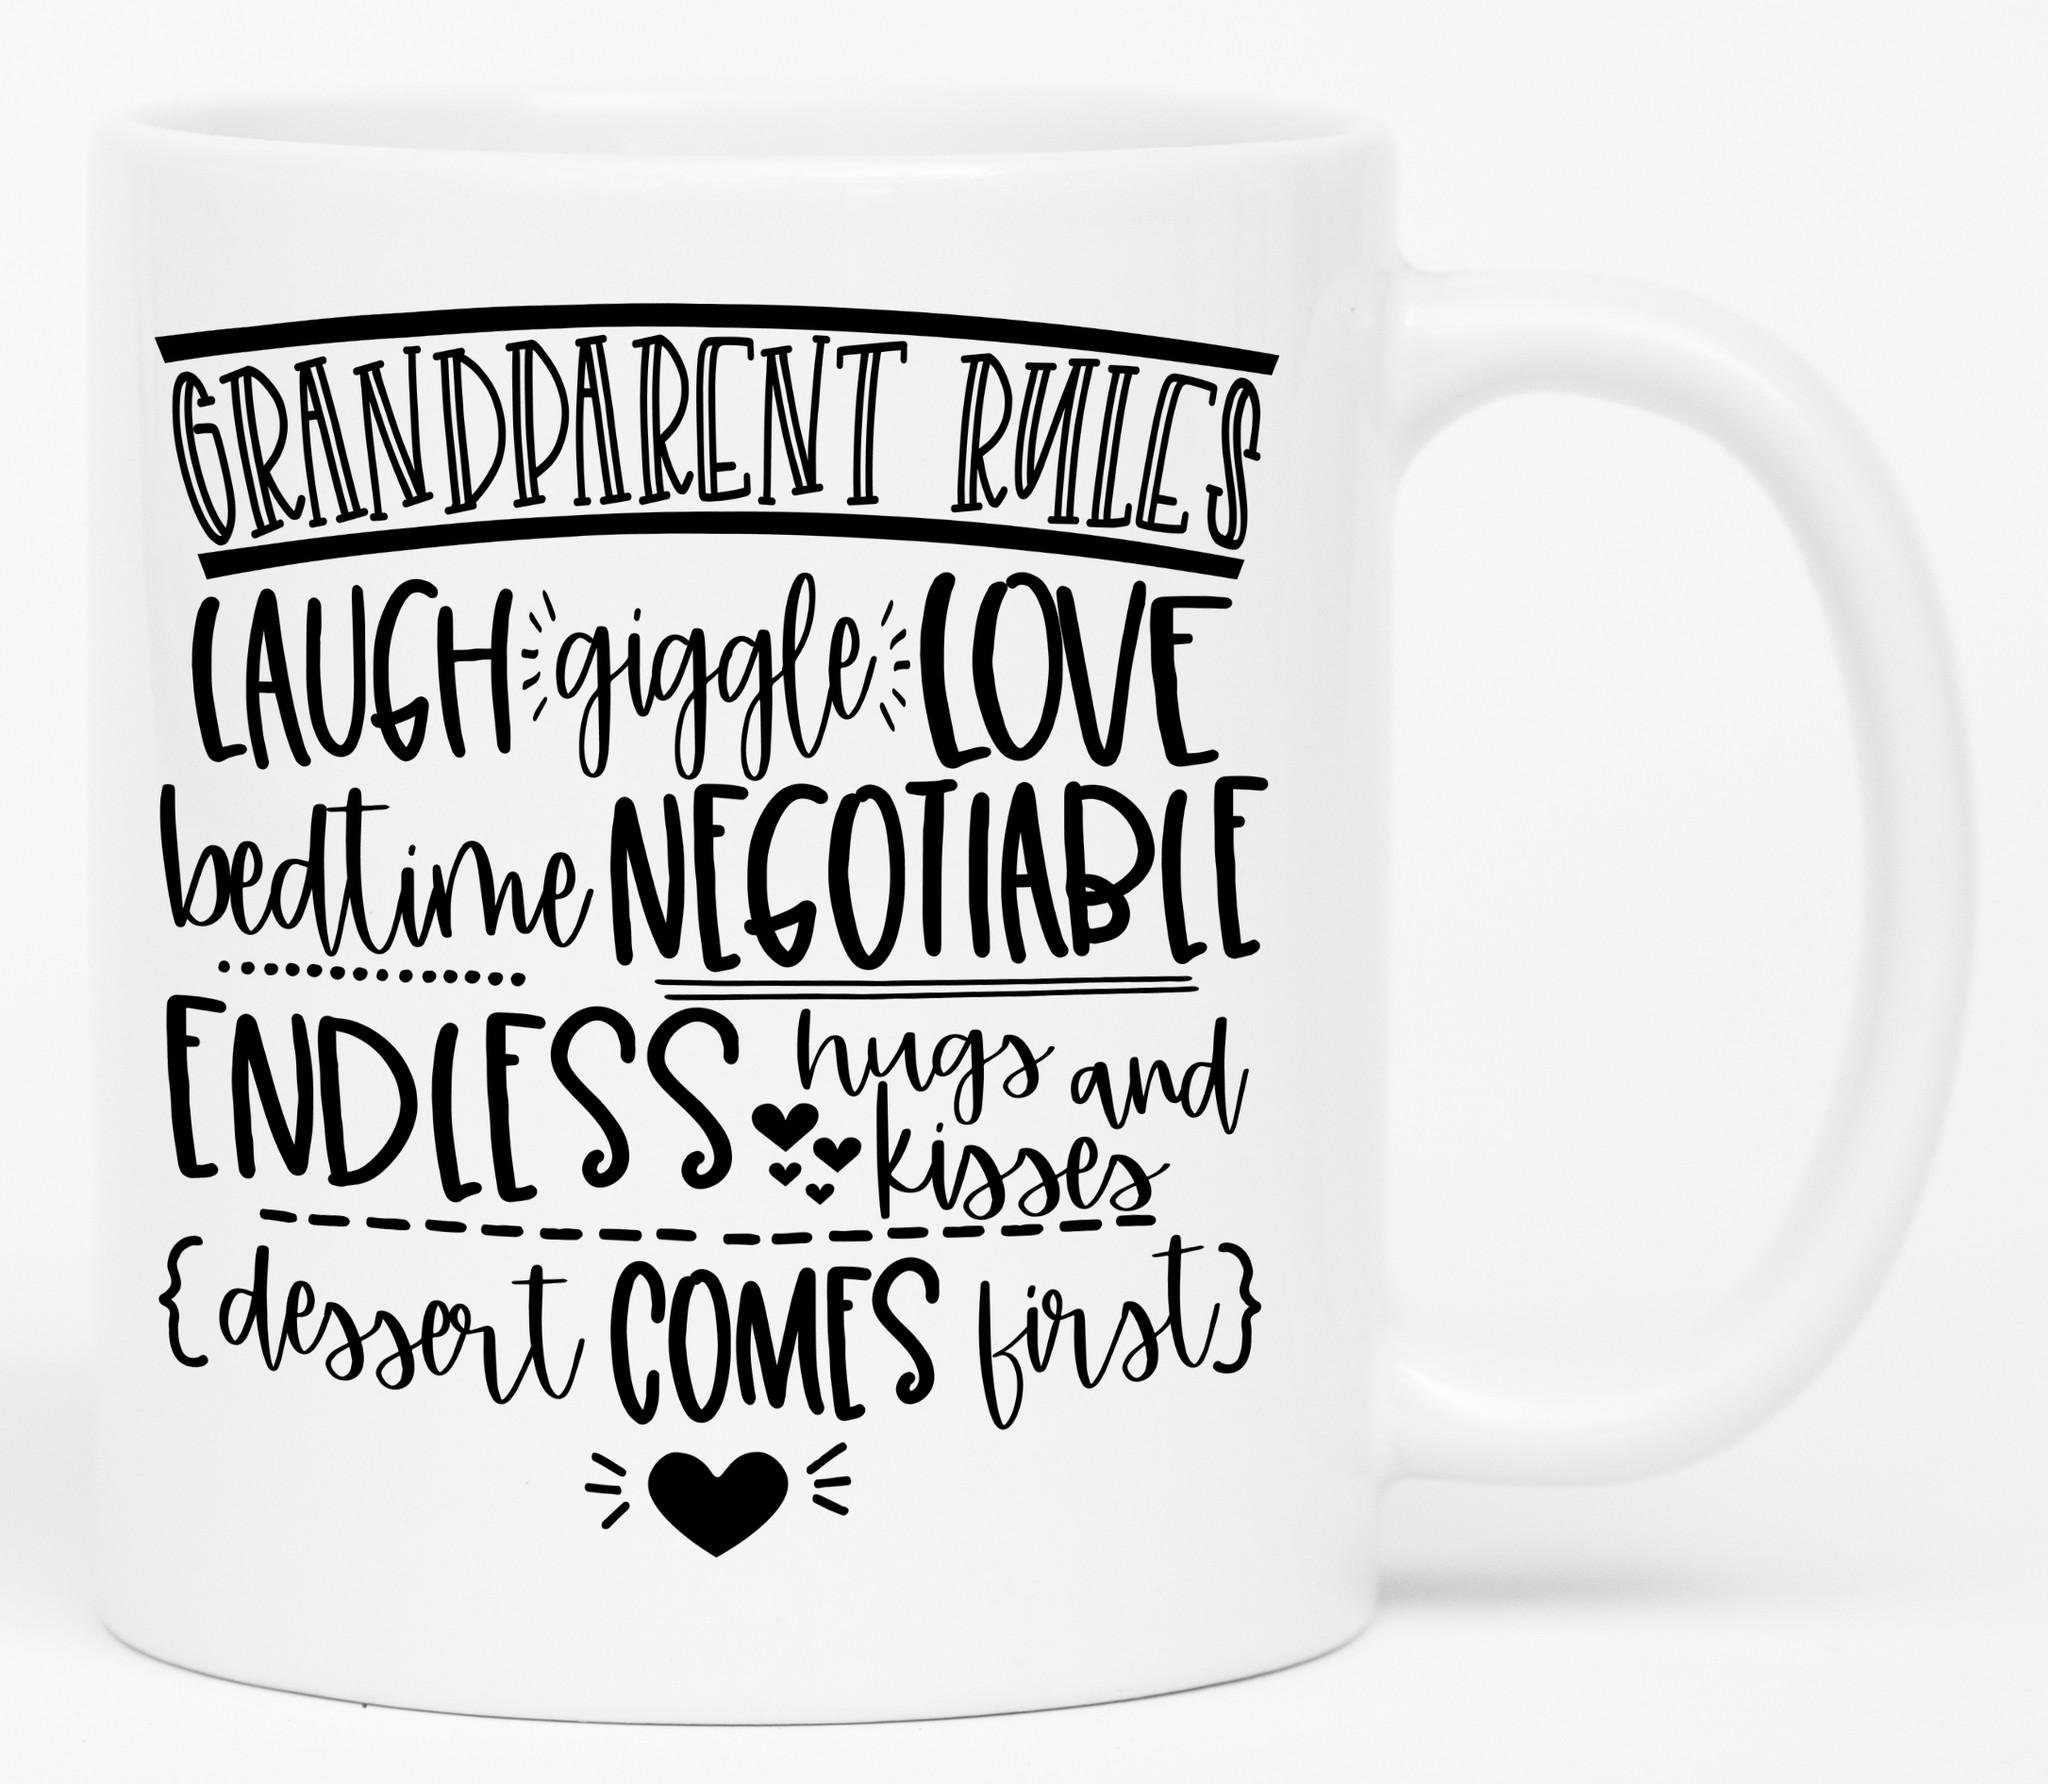 Grandparent Rules Coffee Mug Funny Grandparent Mugs Coffee Mugs With Sayings Coffee Cups Grandma Grandpa Birthday Unique Gift Mattie Lu